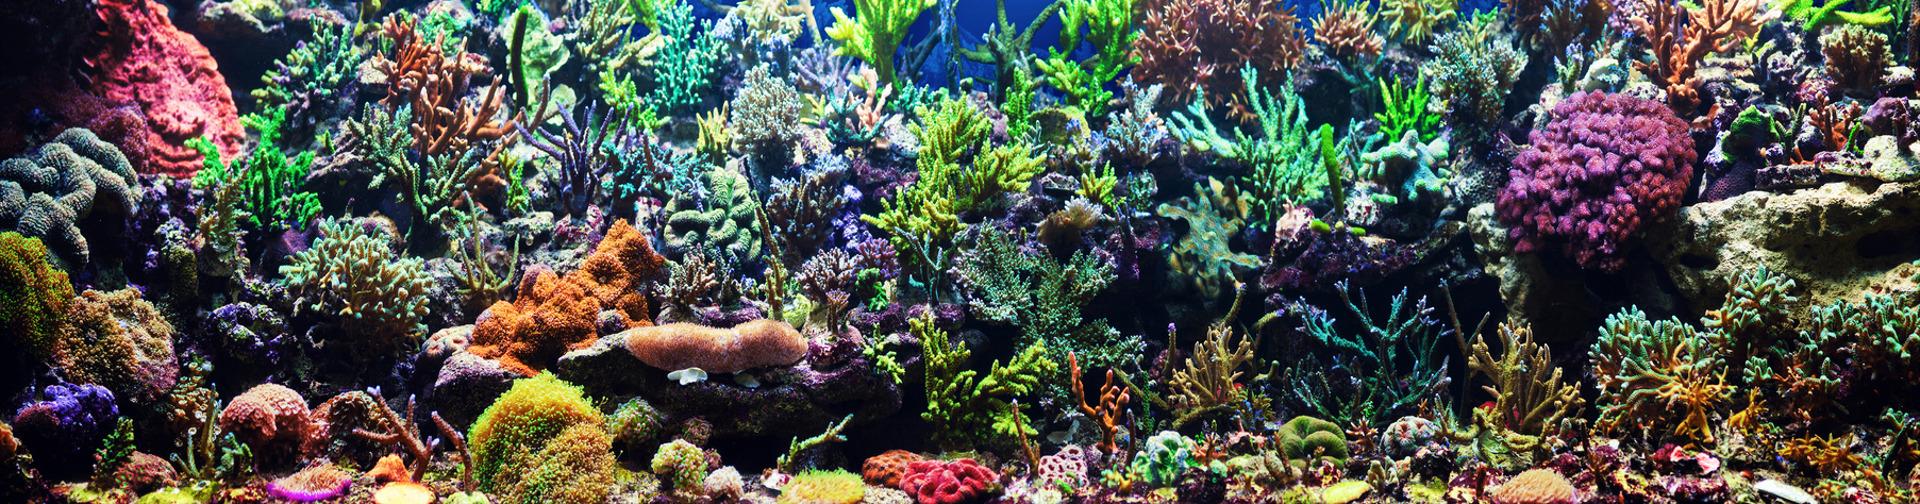 Akwarystyka morska szczecin 1